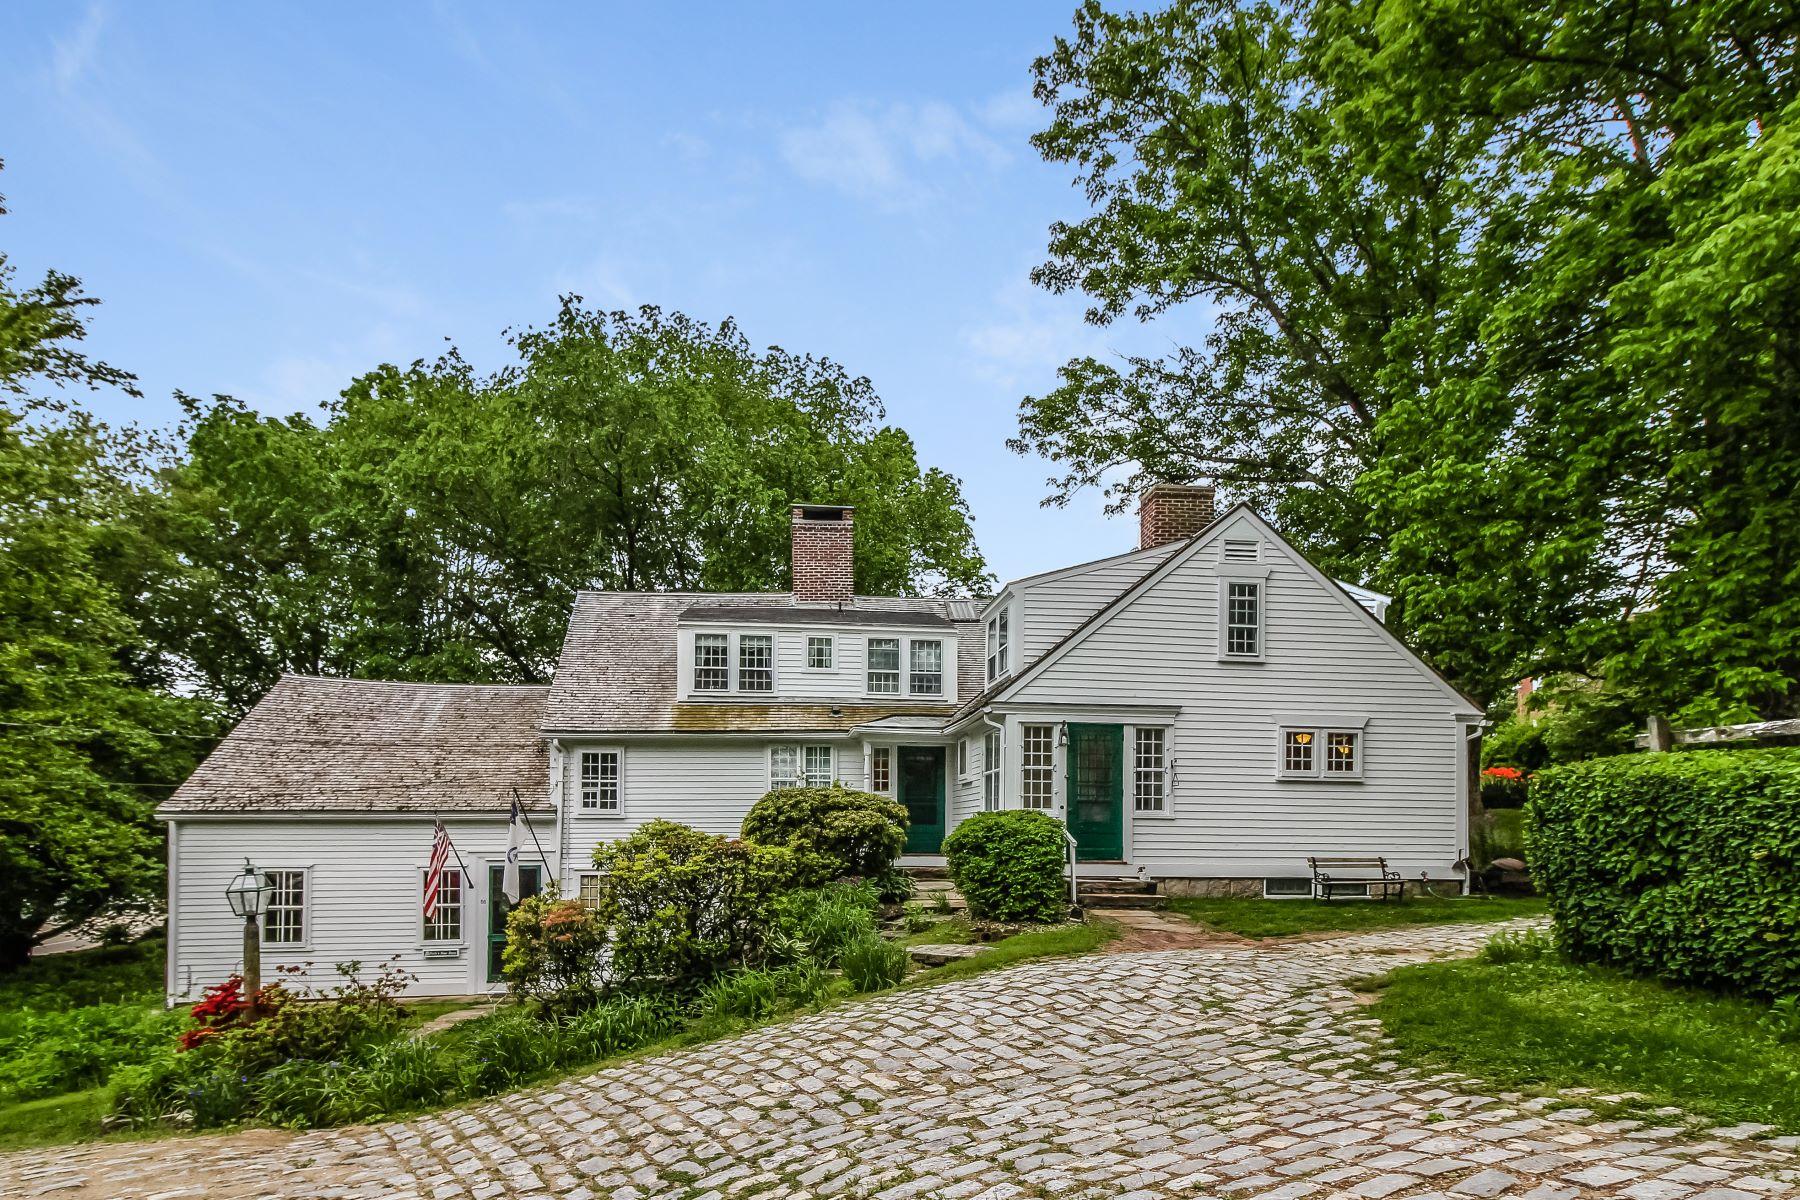 Casa Unifamiliar por un Venta en 56 Main St, Scituate, RI Scituate, Rhode Island 02831 Estados Unidos